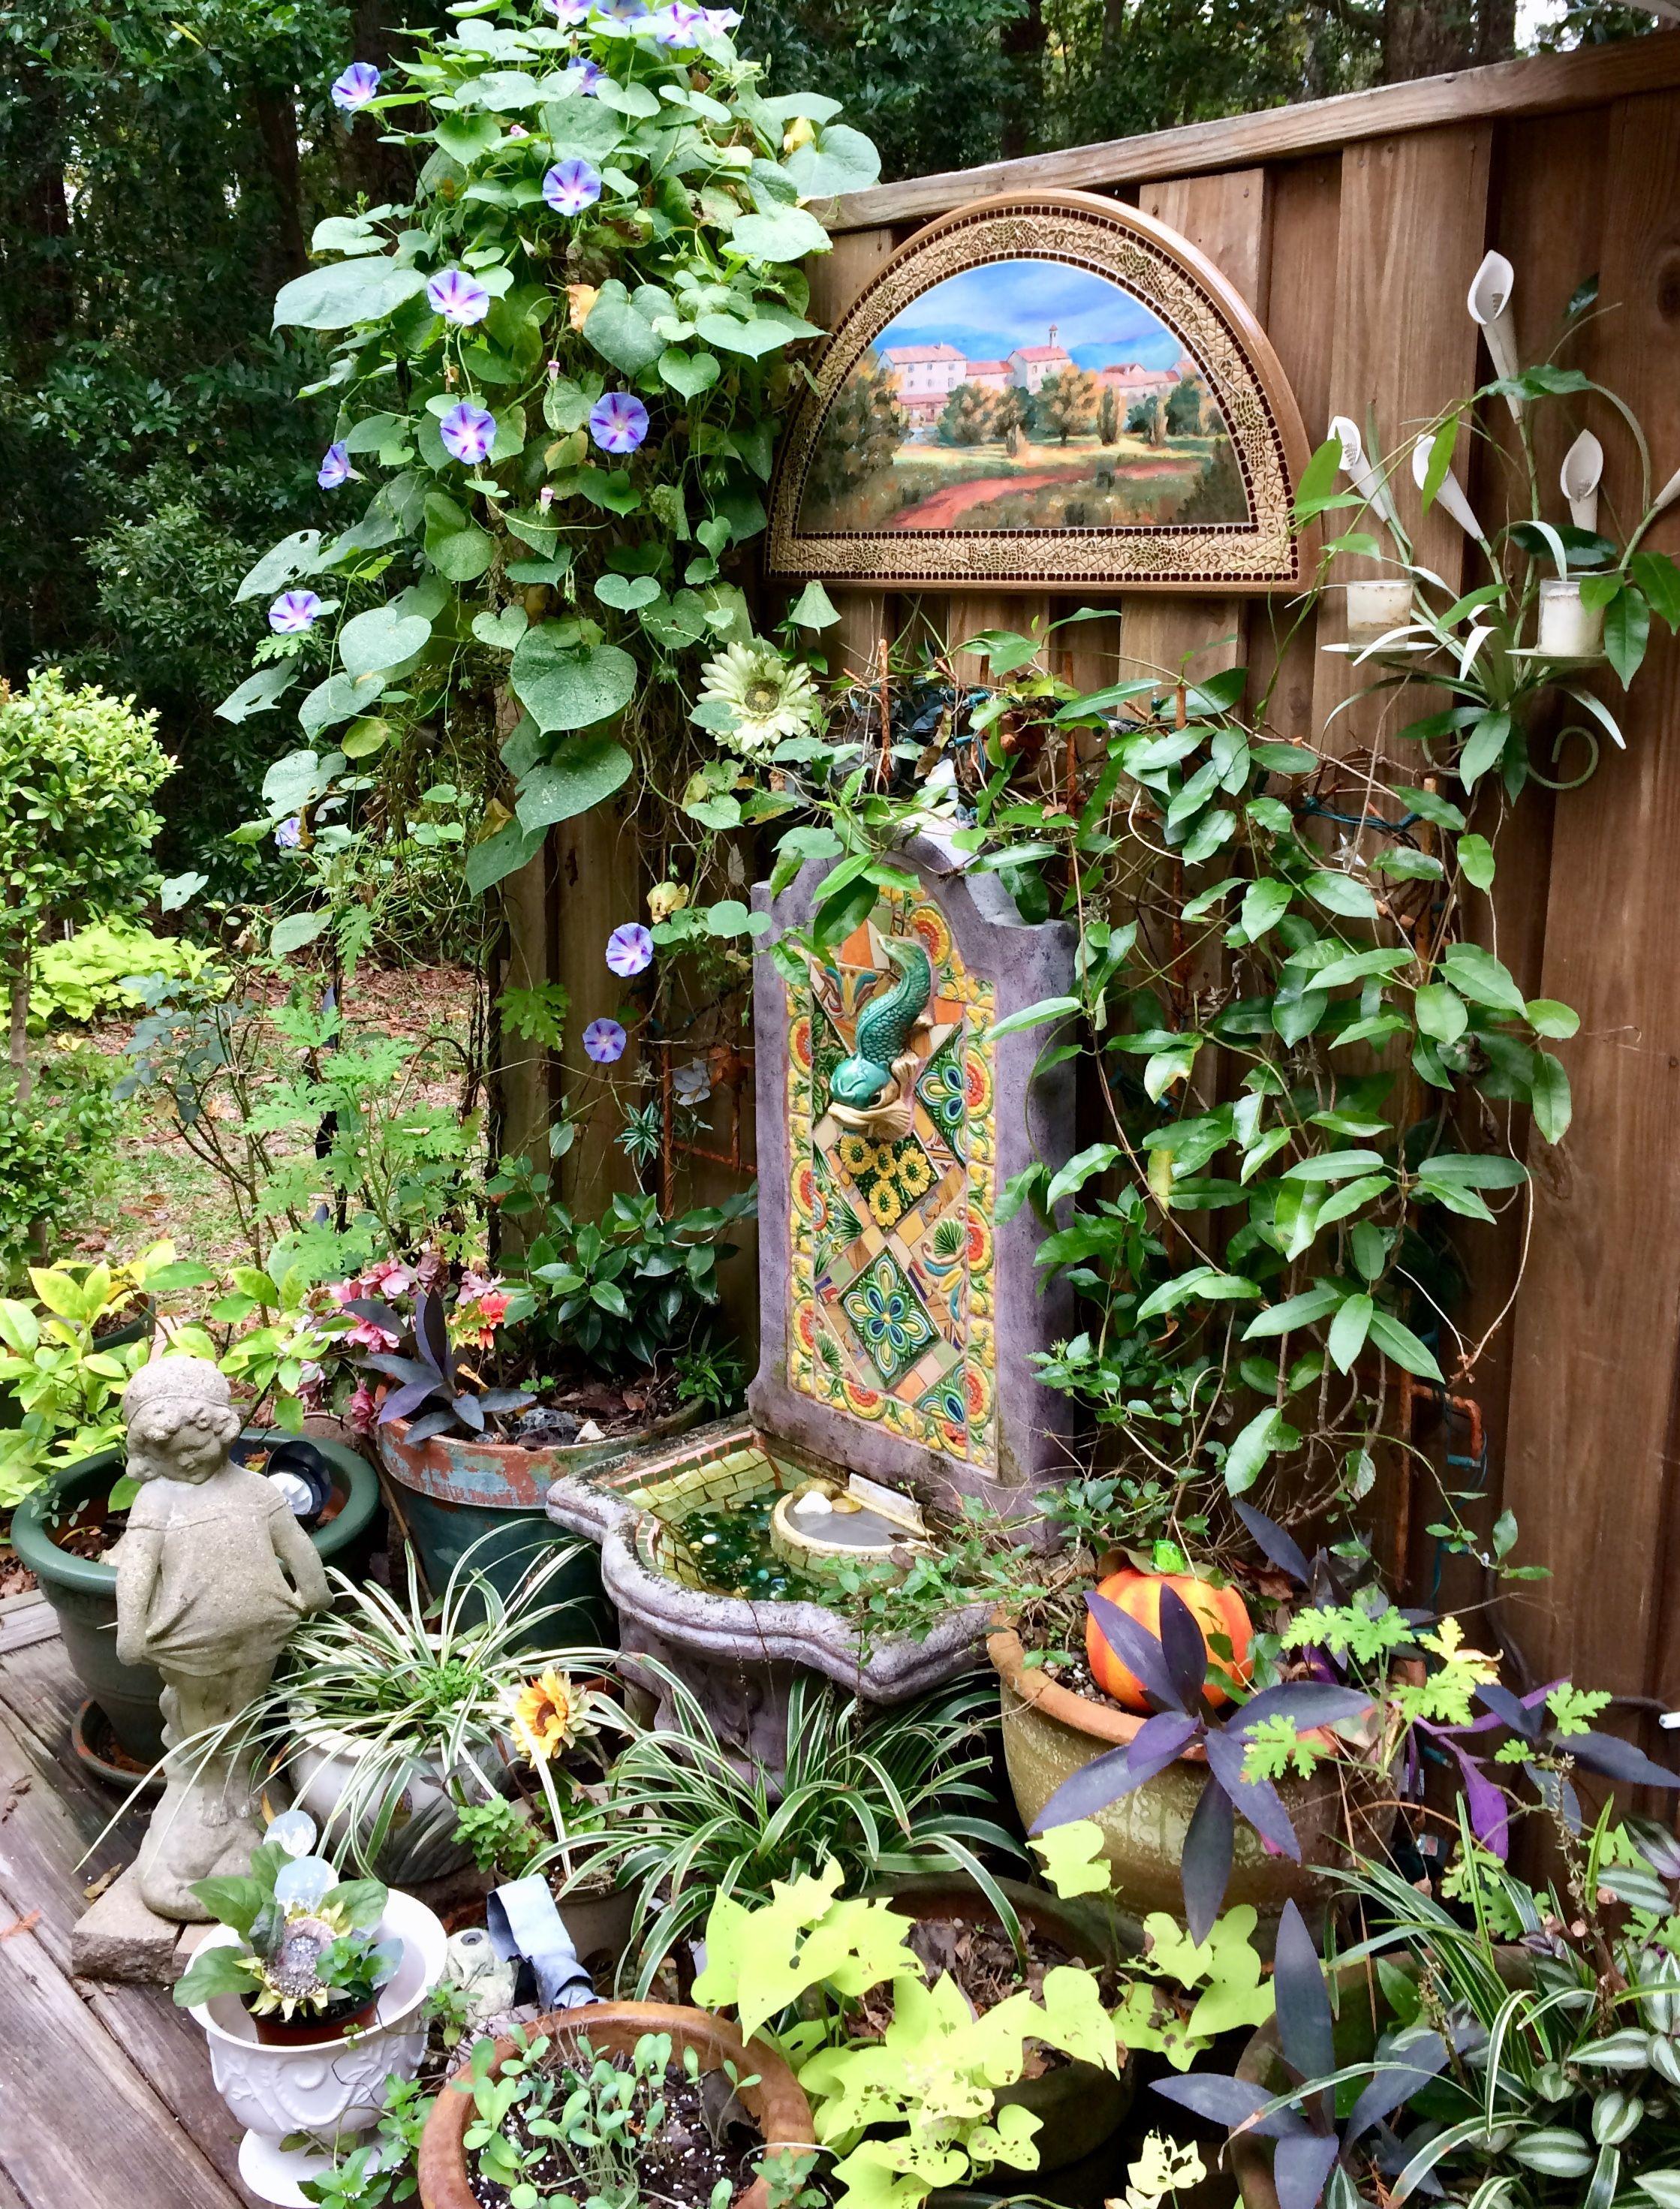 Lauri s garden garden ideas pinterest gardens and garden ideas